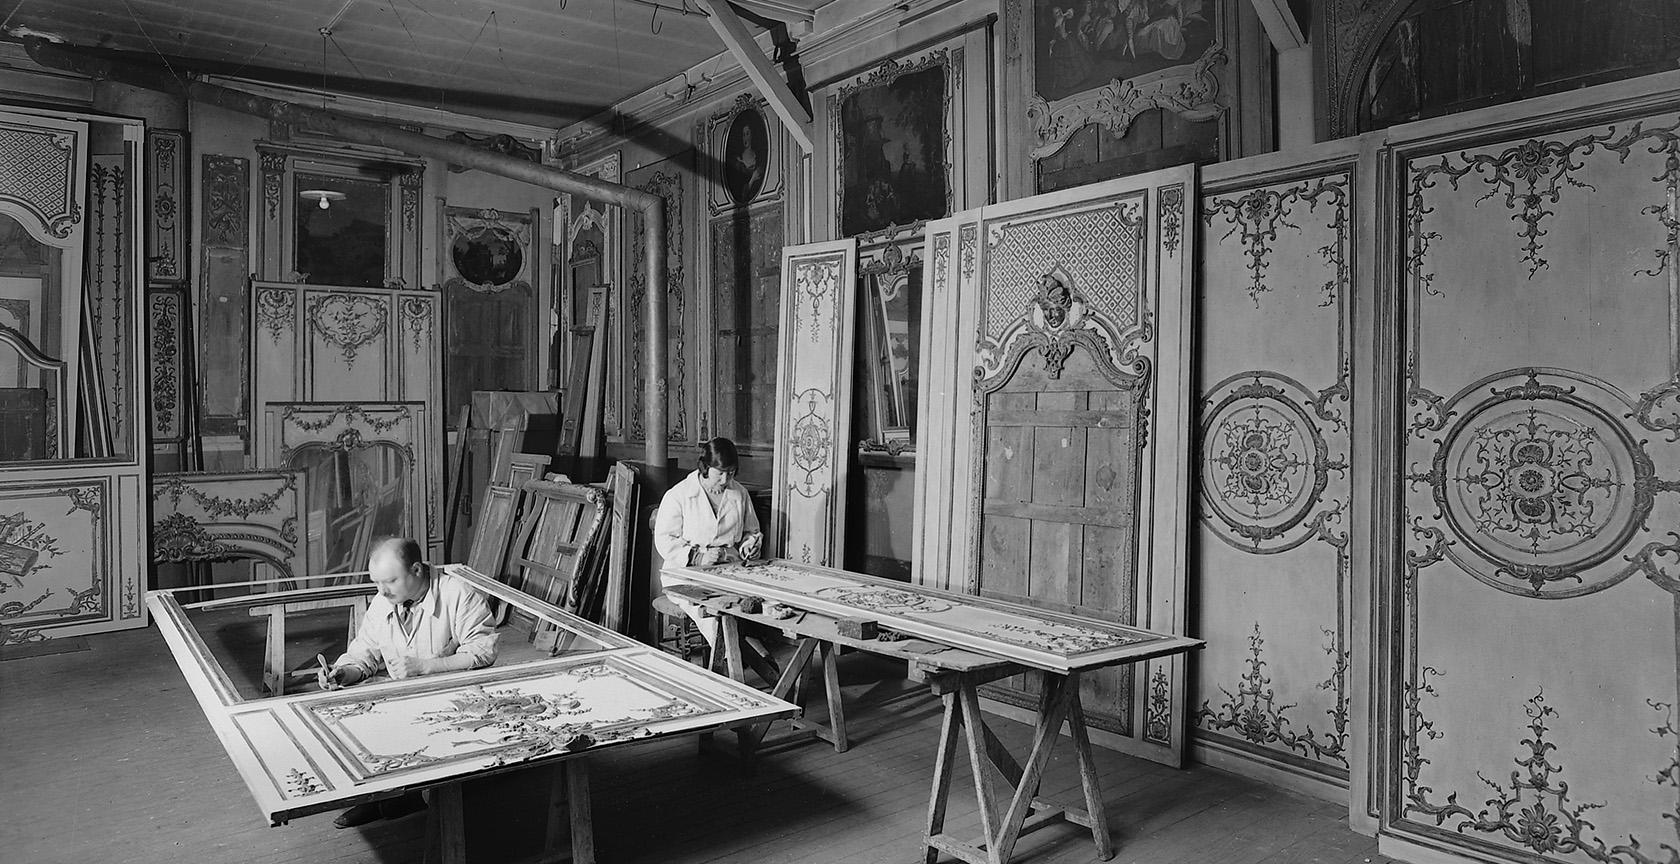 Showroom Feau Boiseries, archives, peinture ornementation boiseries anciennes, atelier rue Laugier